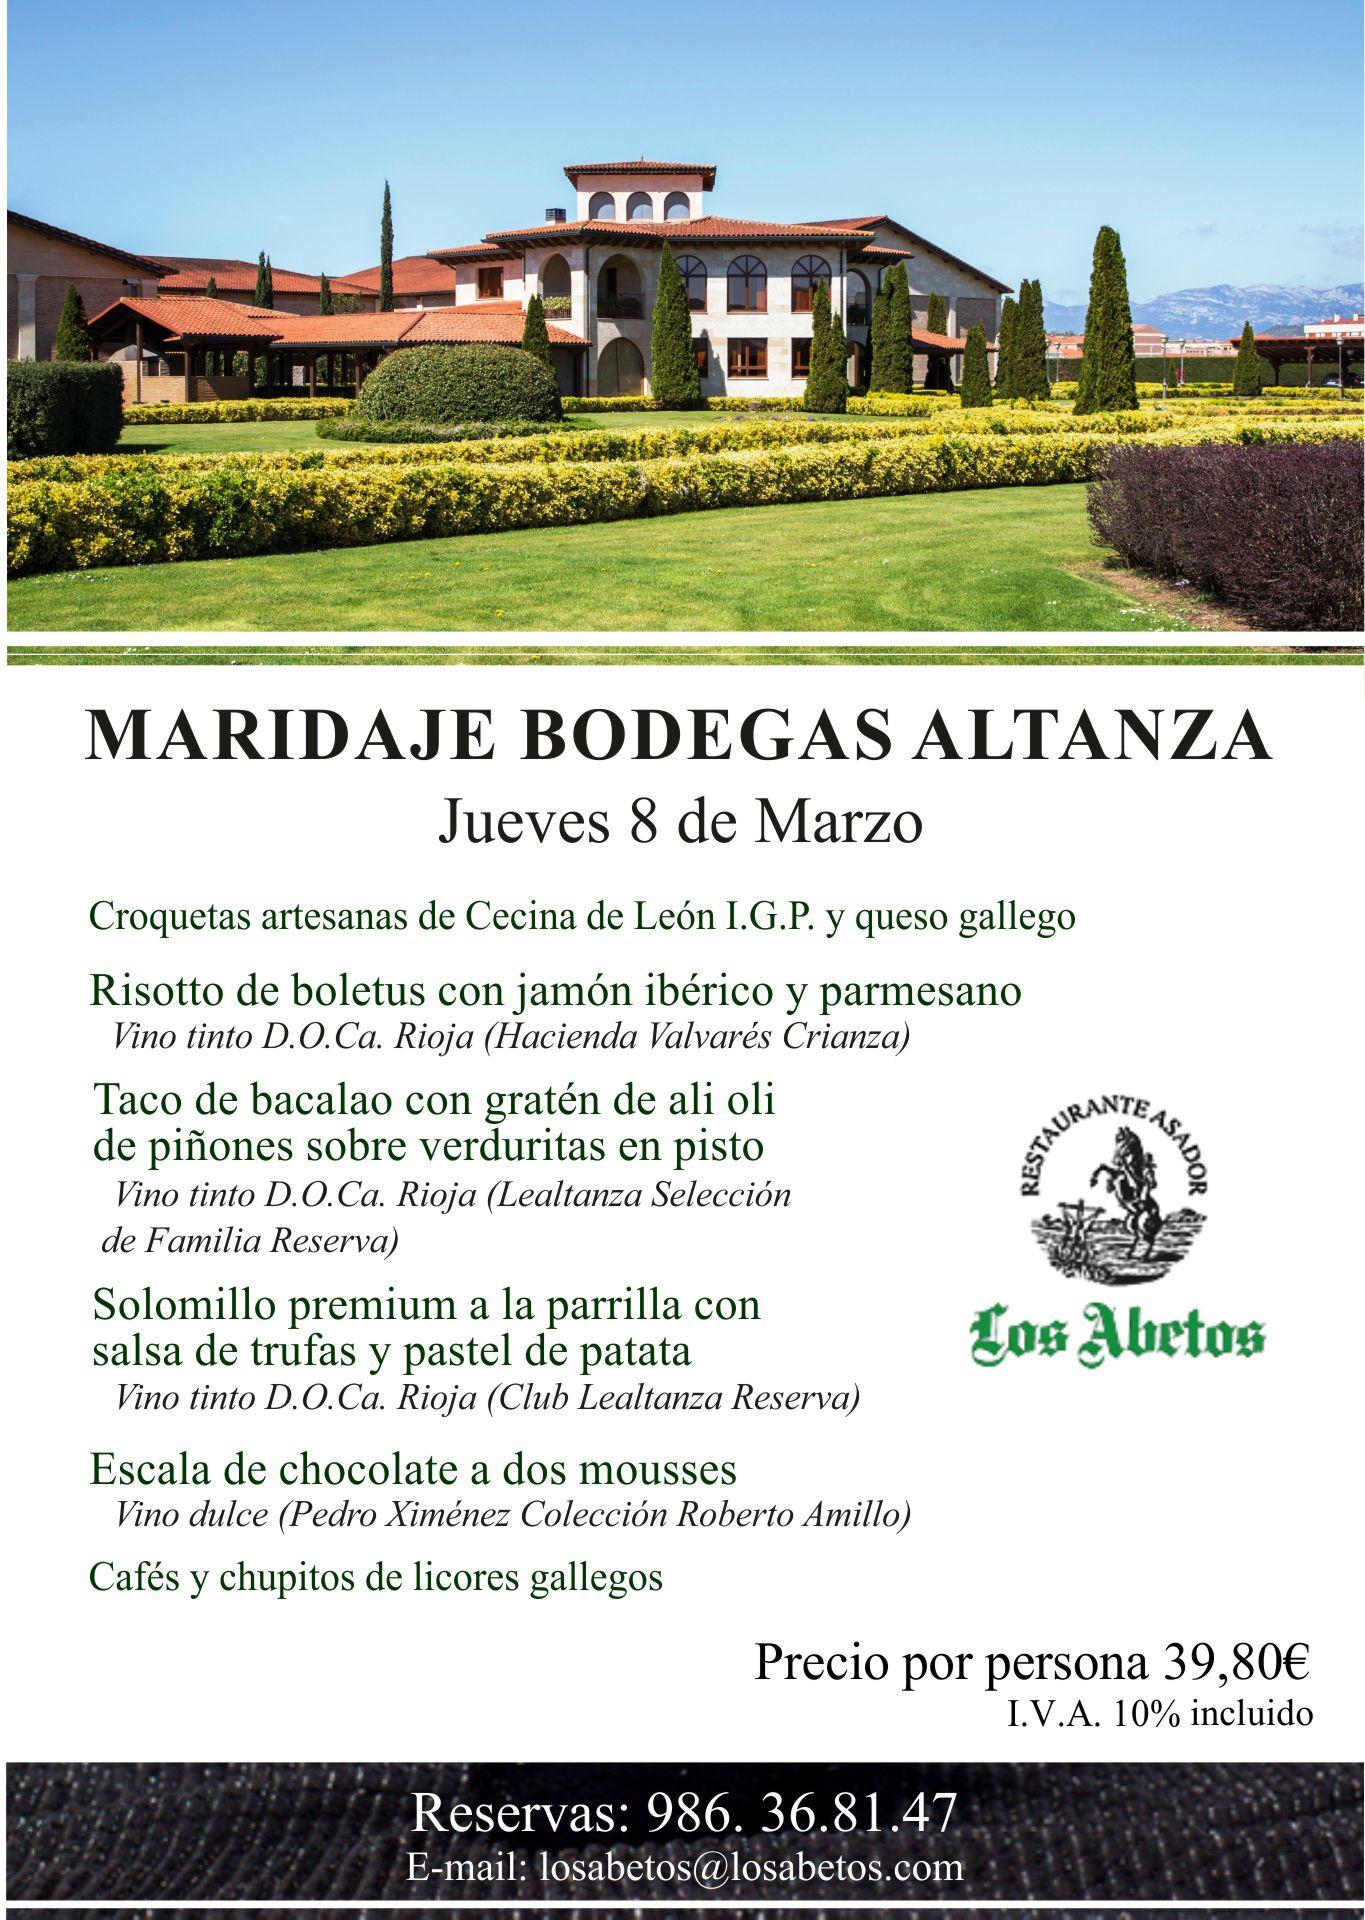 El próximo Jueves 8 de marzo Maridaje Bodegas Altanza